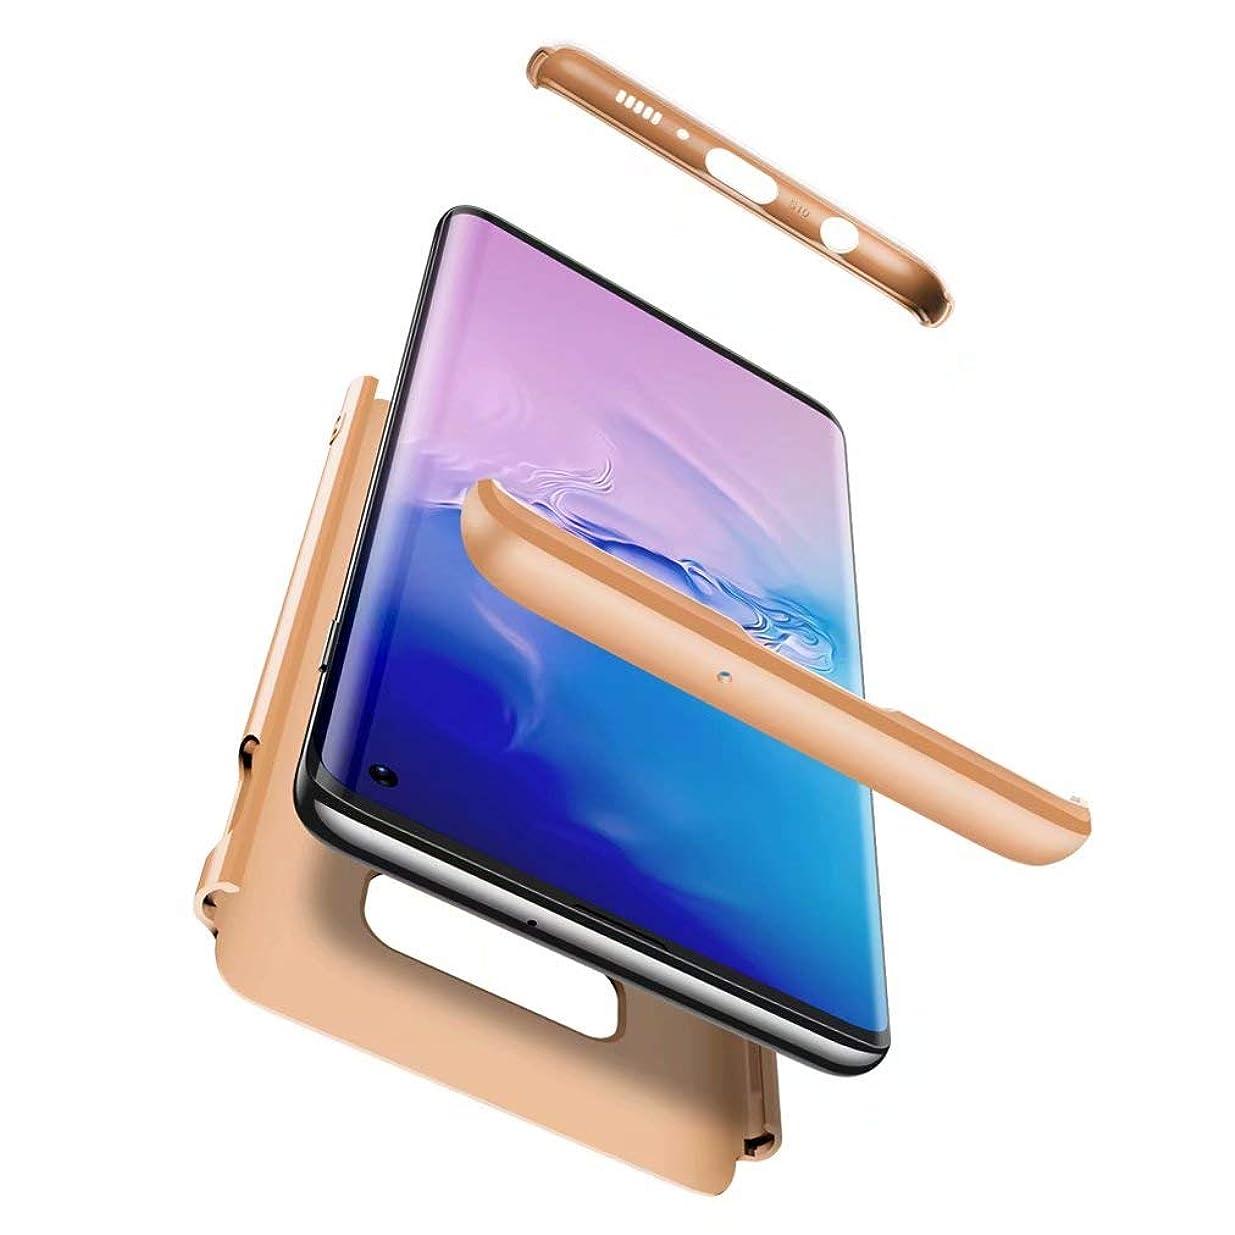 レーザおなかがすいた軽Qsdd Samsung Galaxy S10 Liteケース 擦り傷防止 耐衝撃 ハードPC 超薄型スマホケース(ゴールデン)